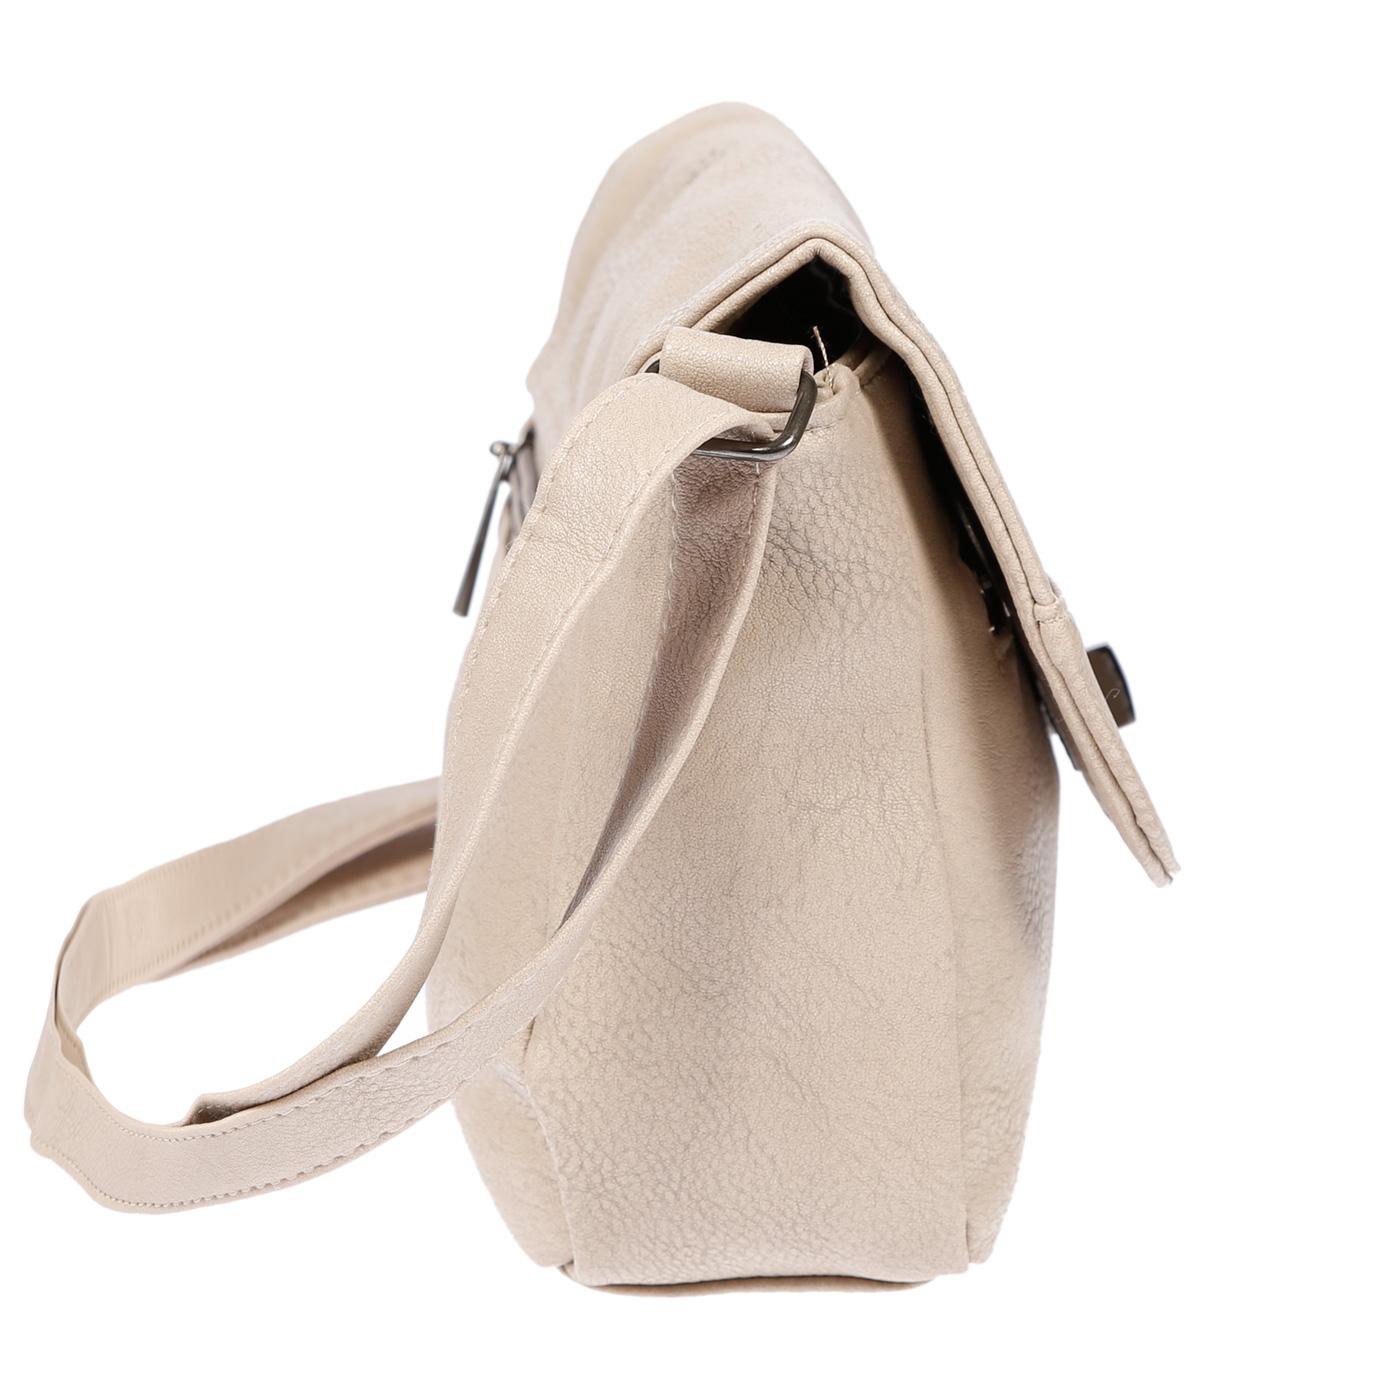 Kleine-Damen-Tasche-Umhaengetasche-Schultertasche-Crossover-Bag-Leder-Optik-NEU Indexbild 23